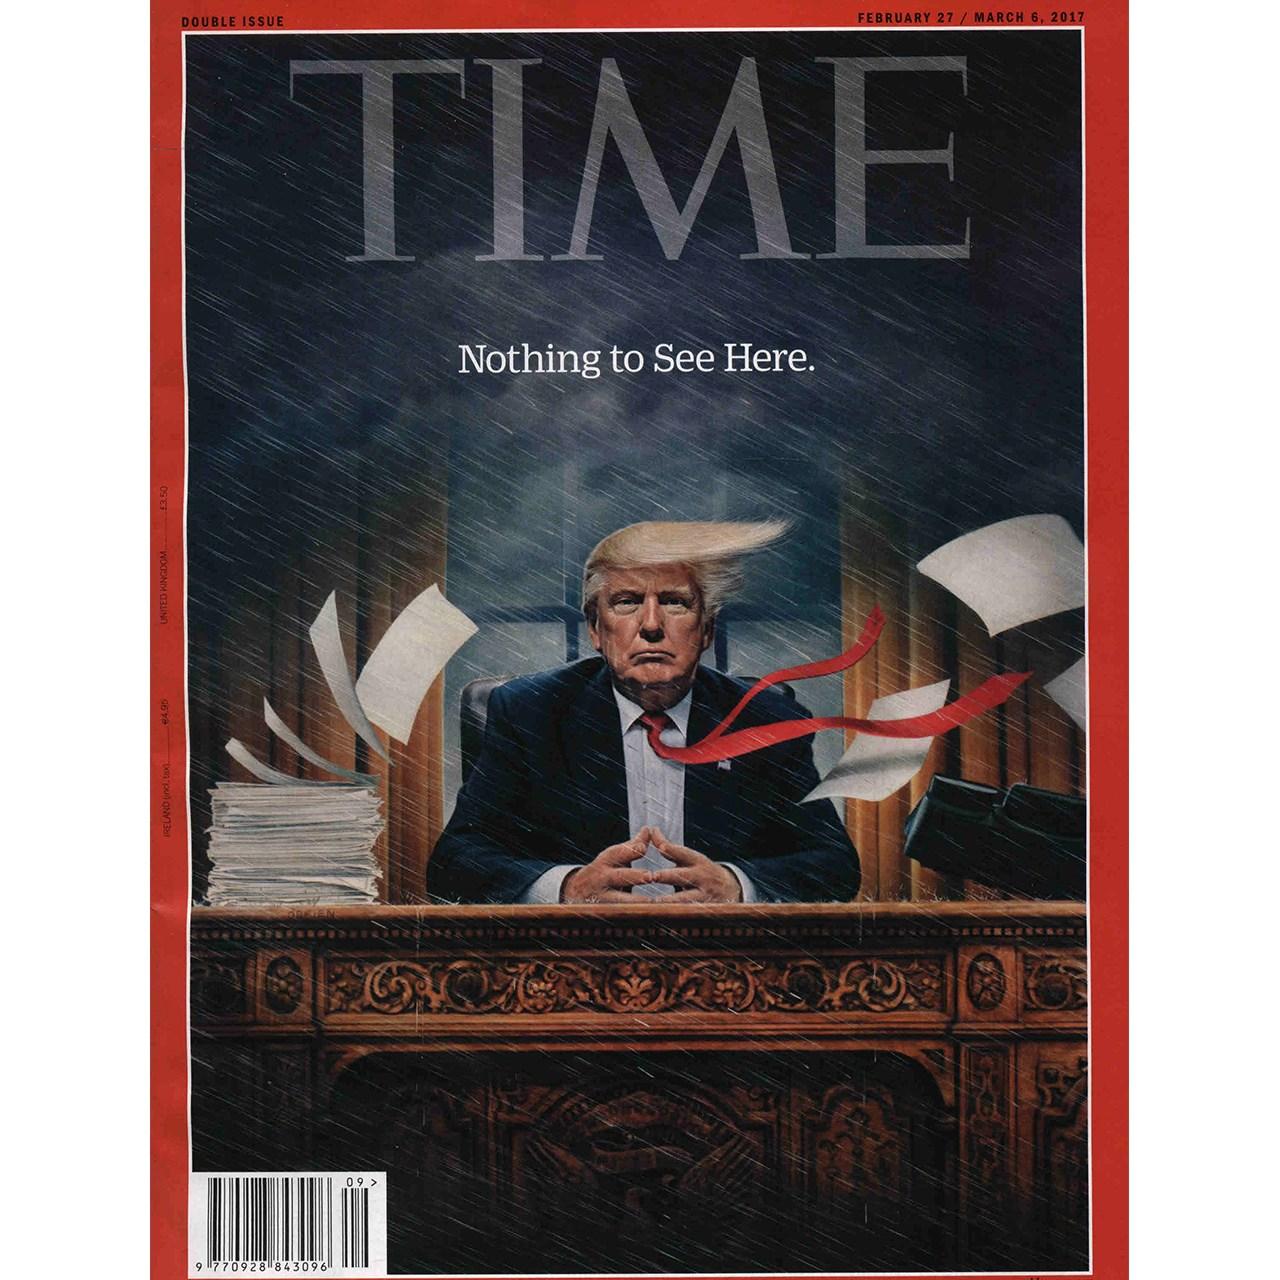 مجله تایم - بیست و هفتم فوریه 2017